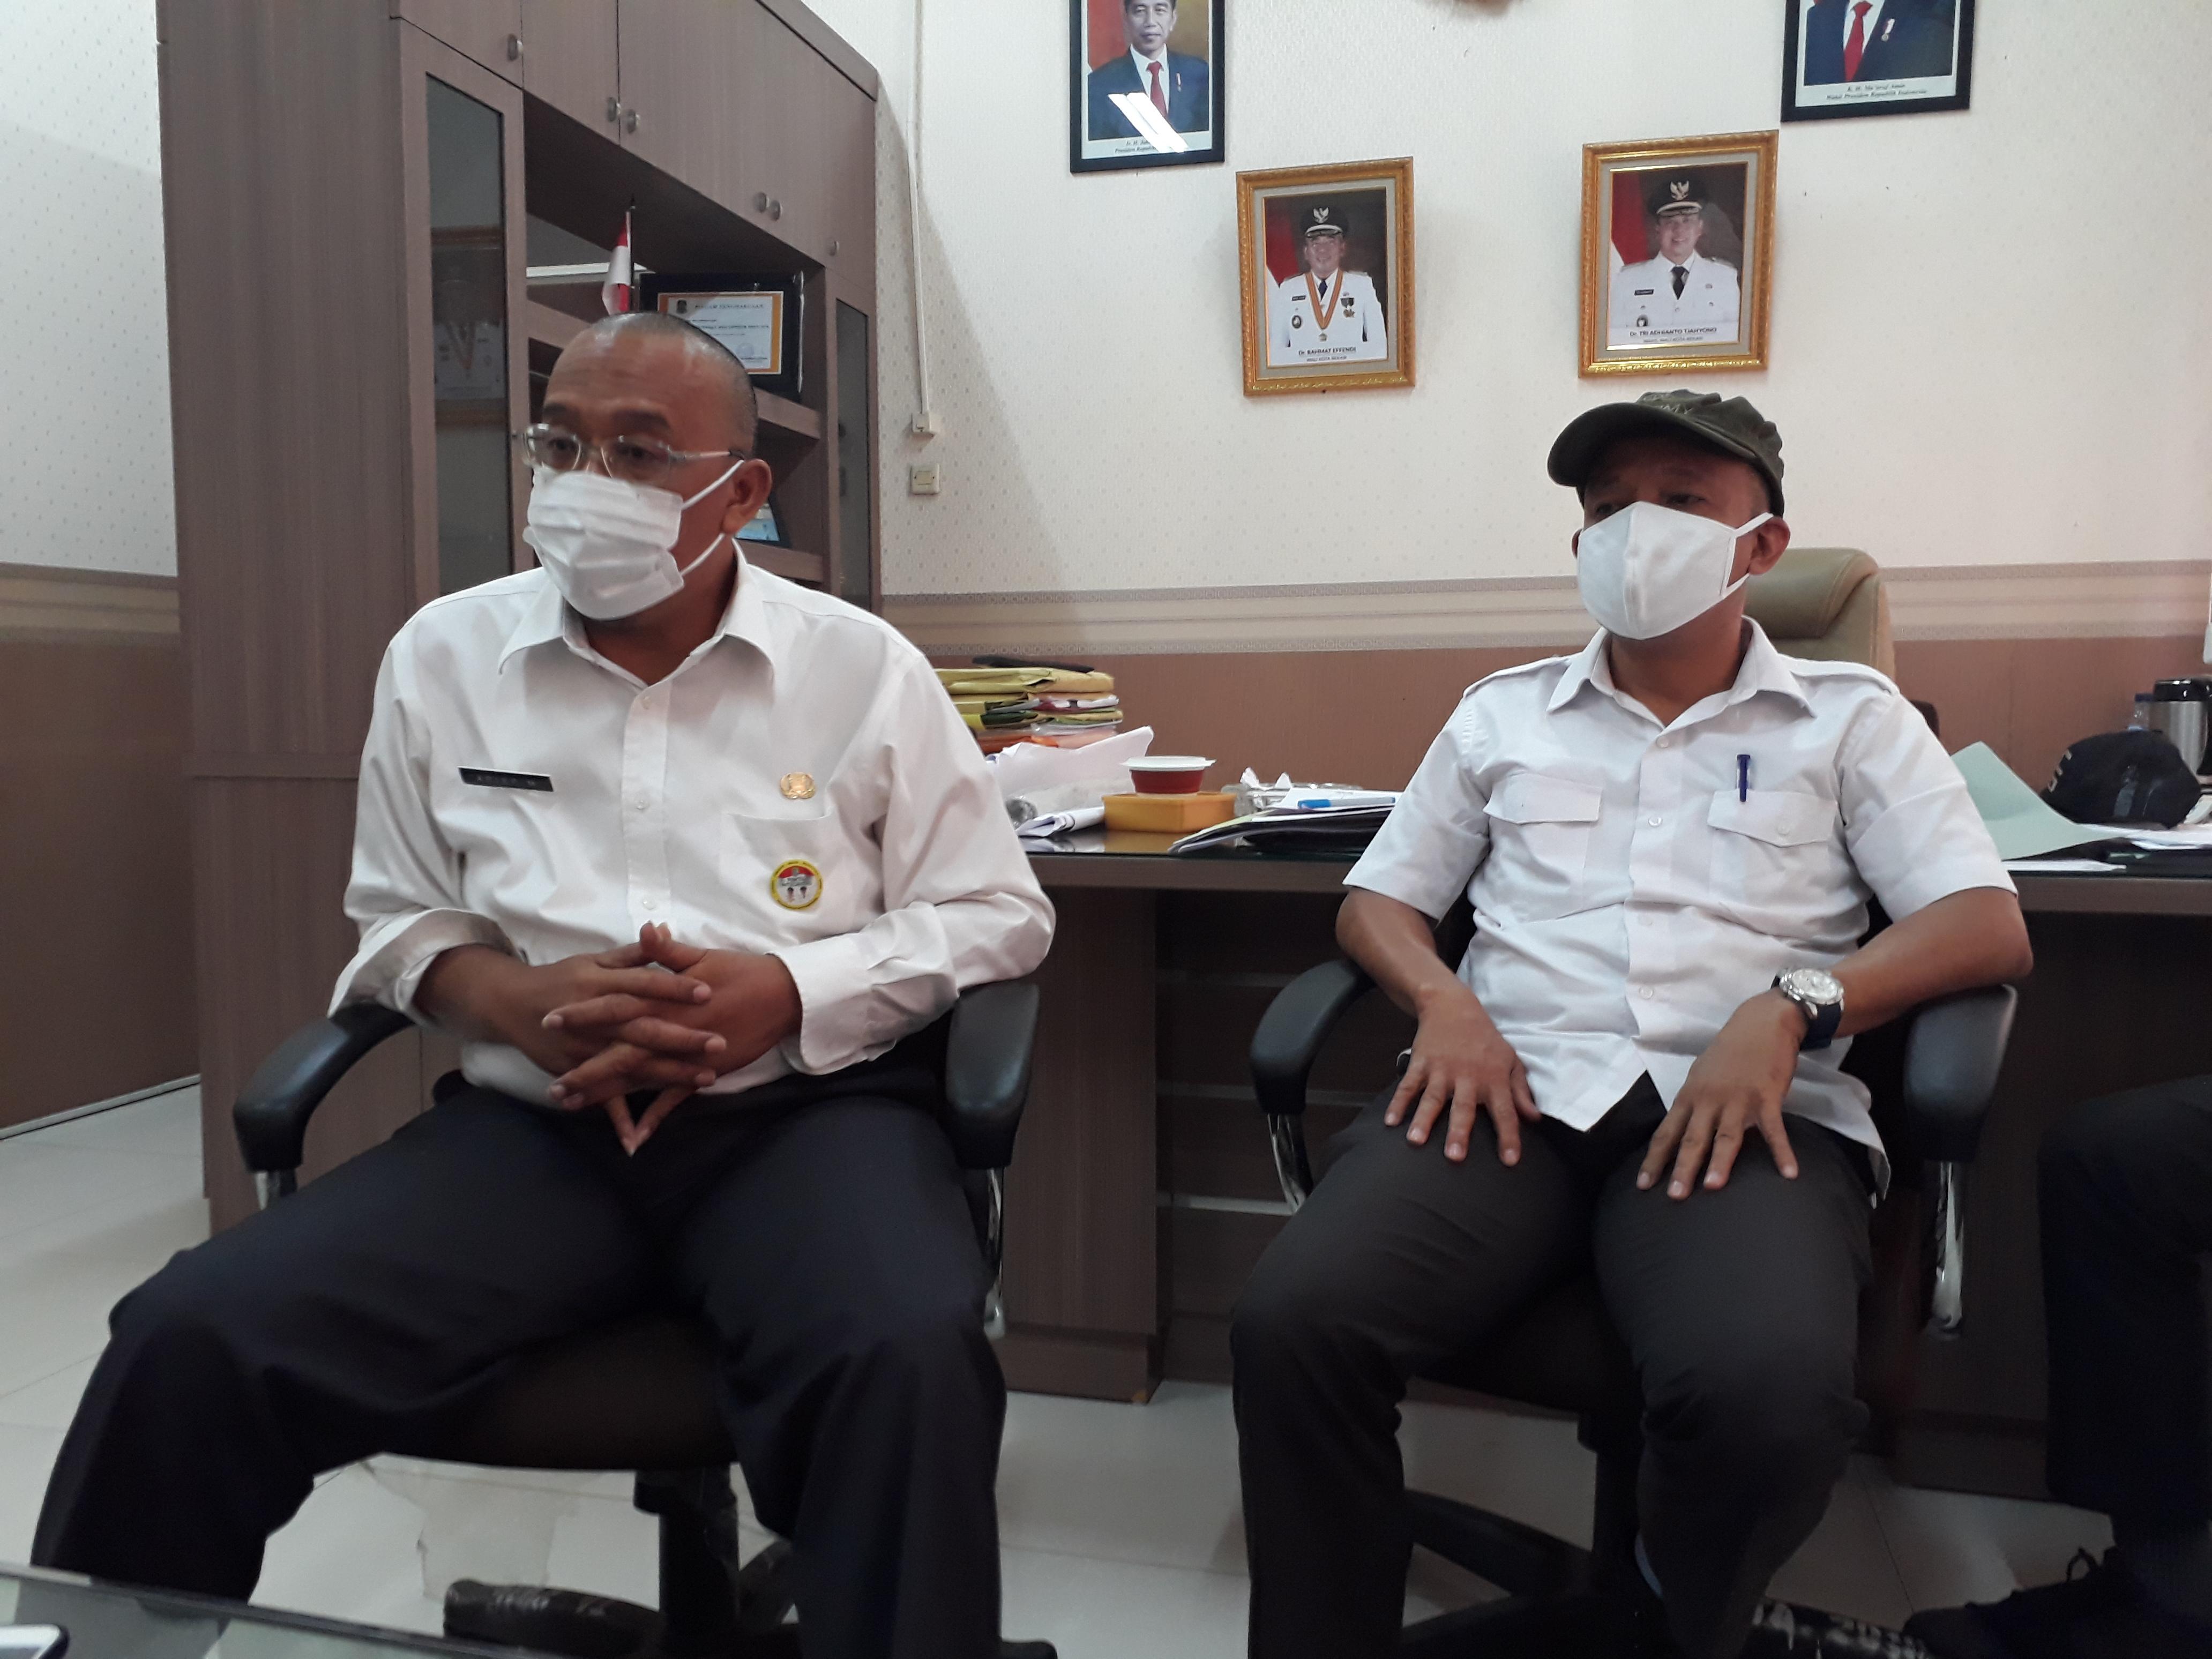 Terkait 11 Proyek yang Diaudit Inspektorat, DBMSDA Ngaku Siap Dipanggil Dewan